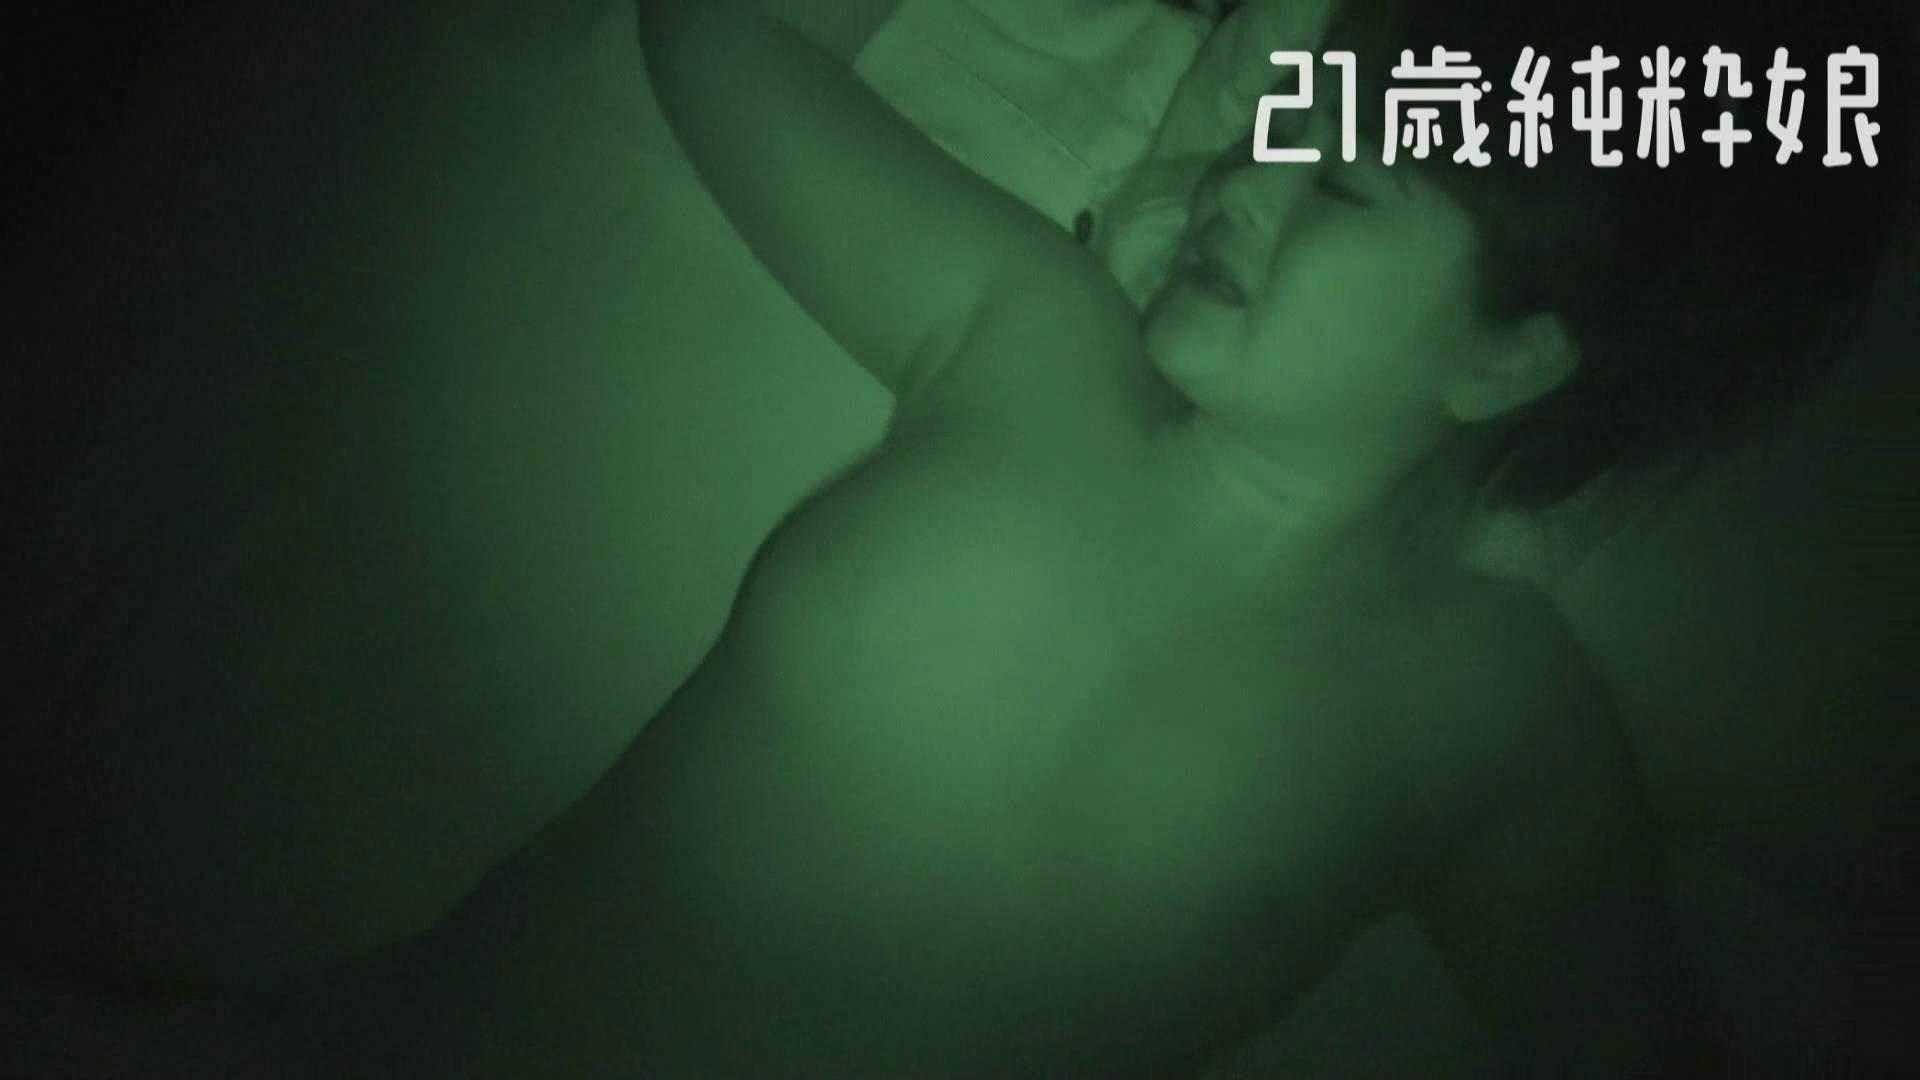 上京したばかりのGカップ21歳純粋嬢を都合の良い女にしてみた3 オナニー集  95pic 84